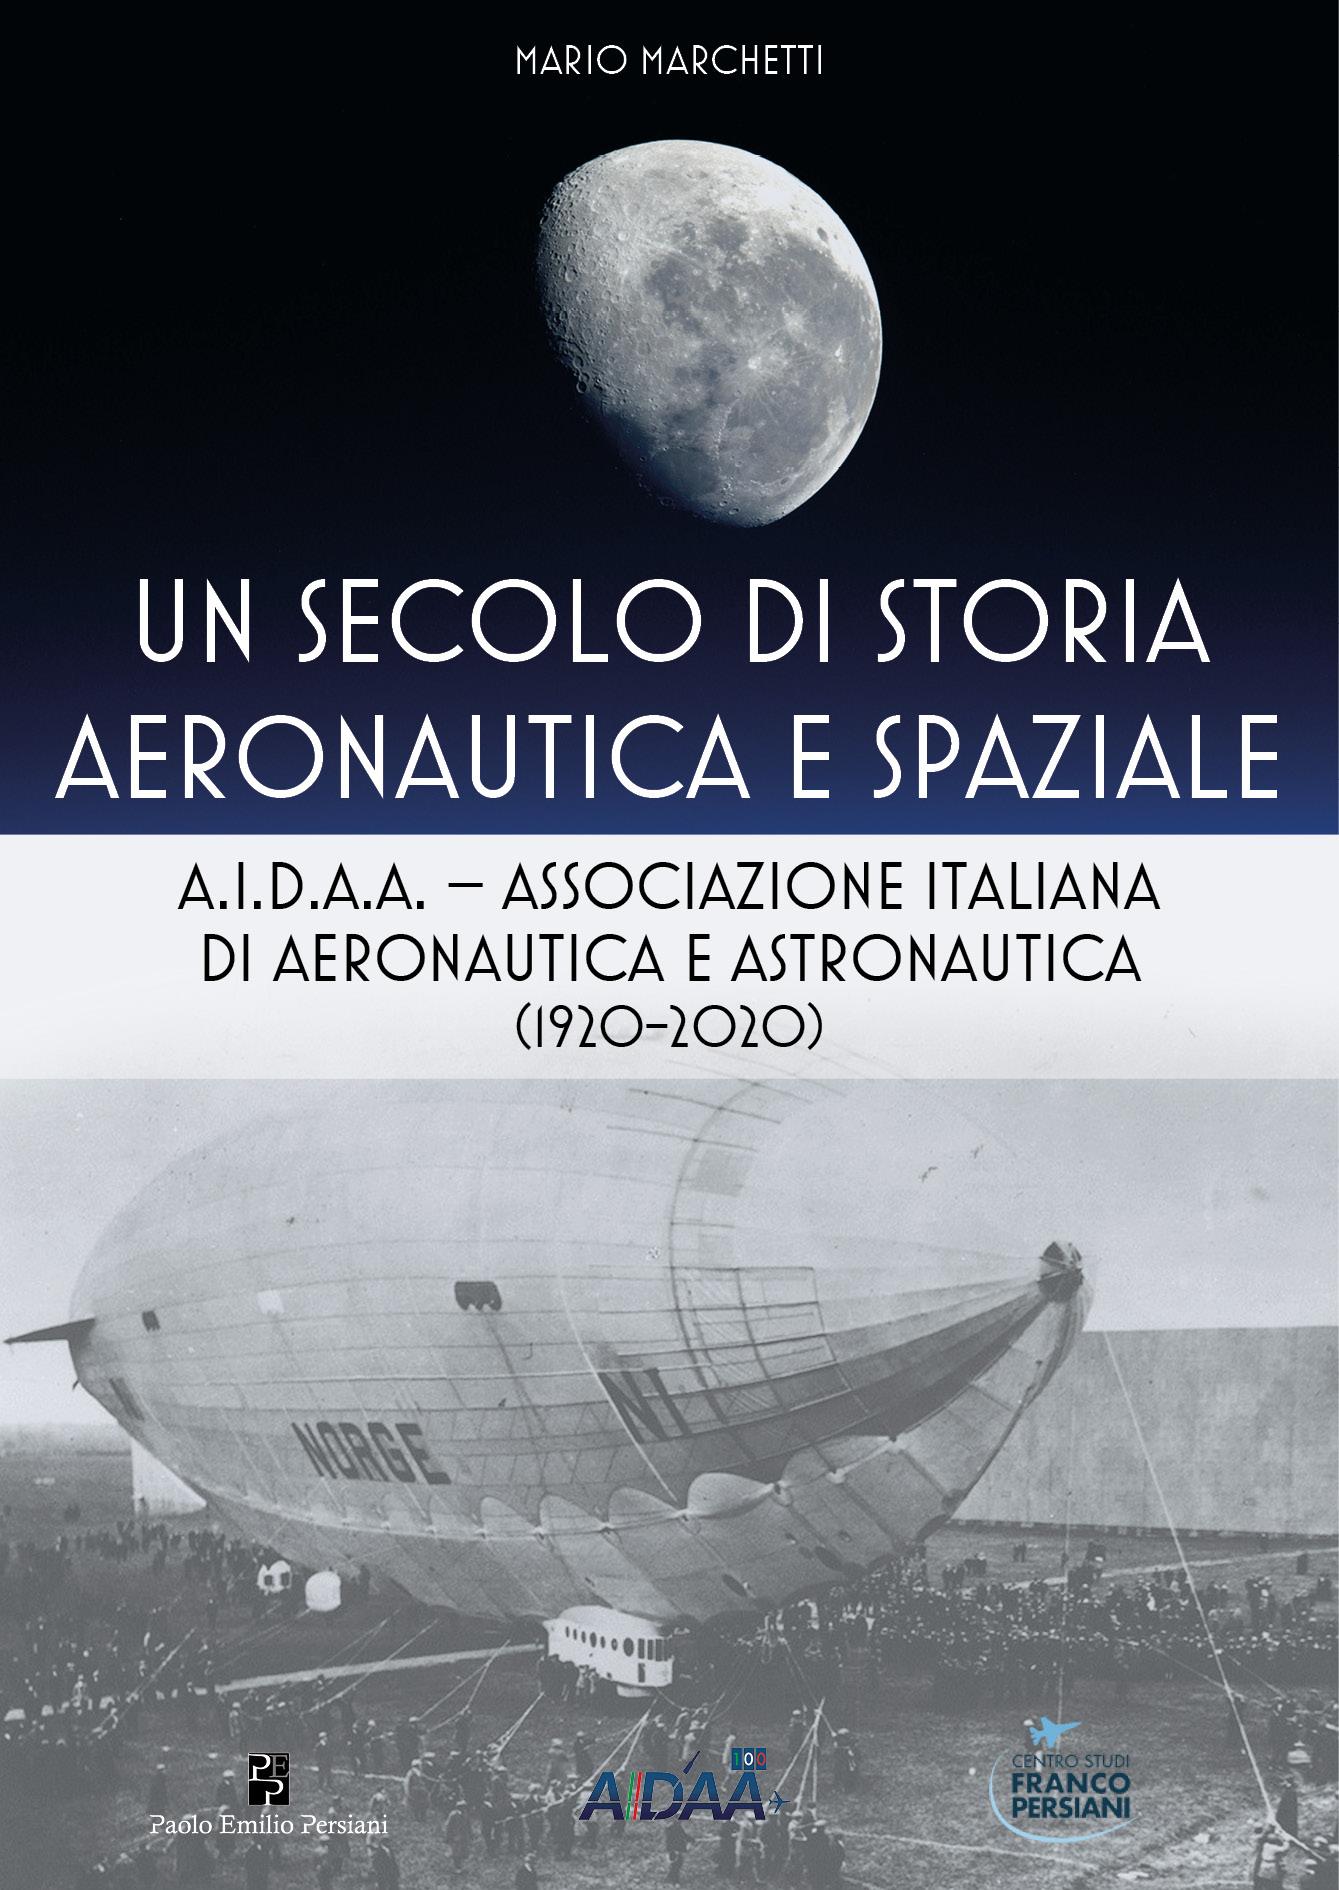 un secolo di storia aeronautica e spaziale_cover PROVVISORIA